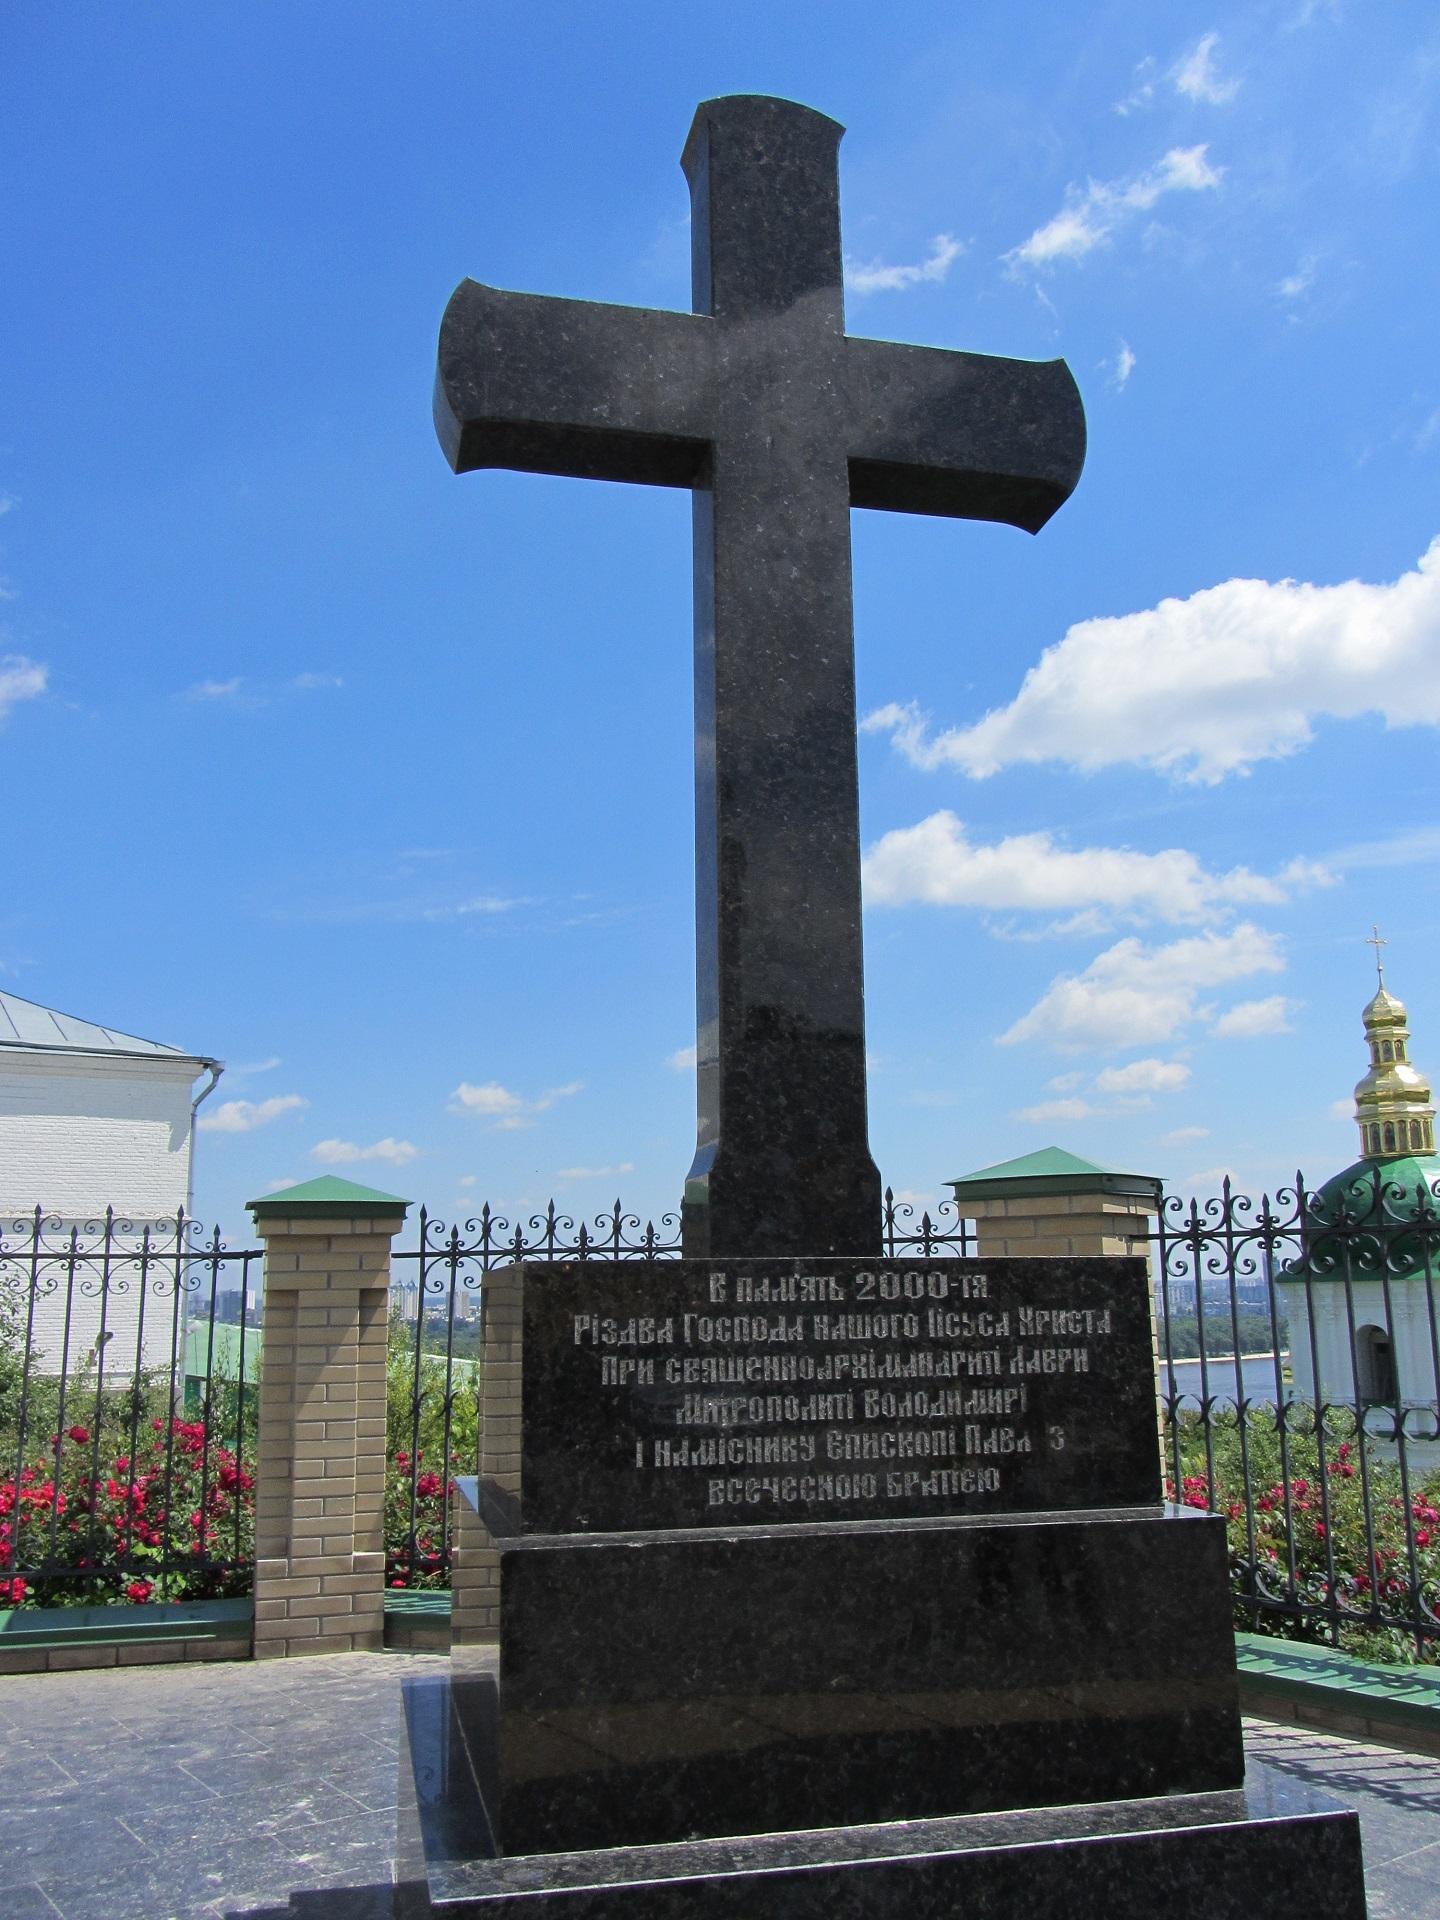 Посещение храма на Радуницу, Обряды и традиции праздника Радуница, Как вести себя на кладбище на Радуницу,